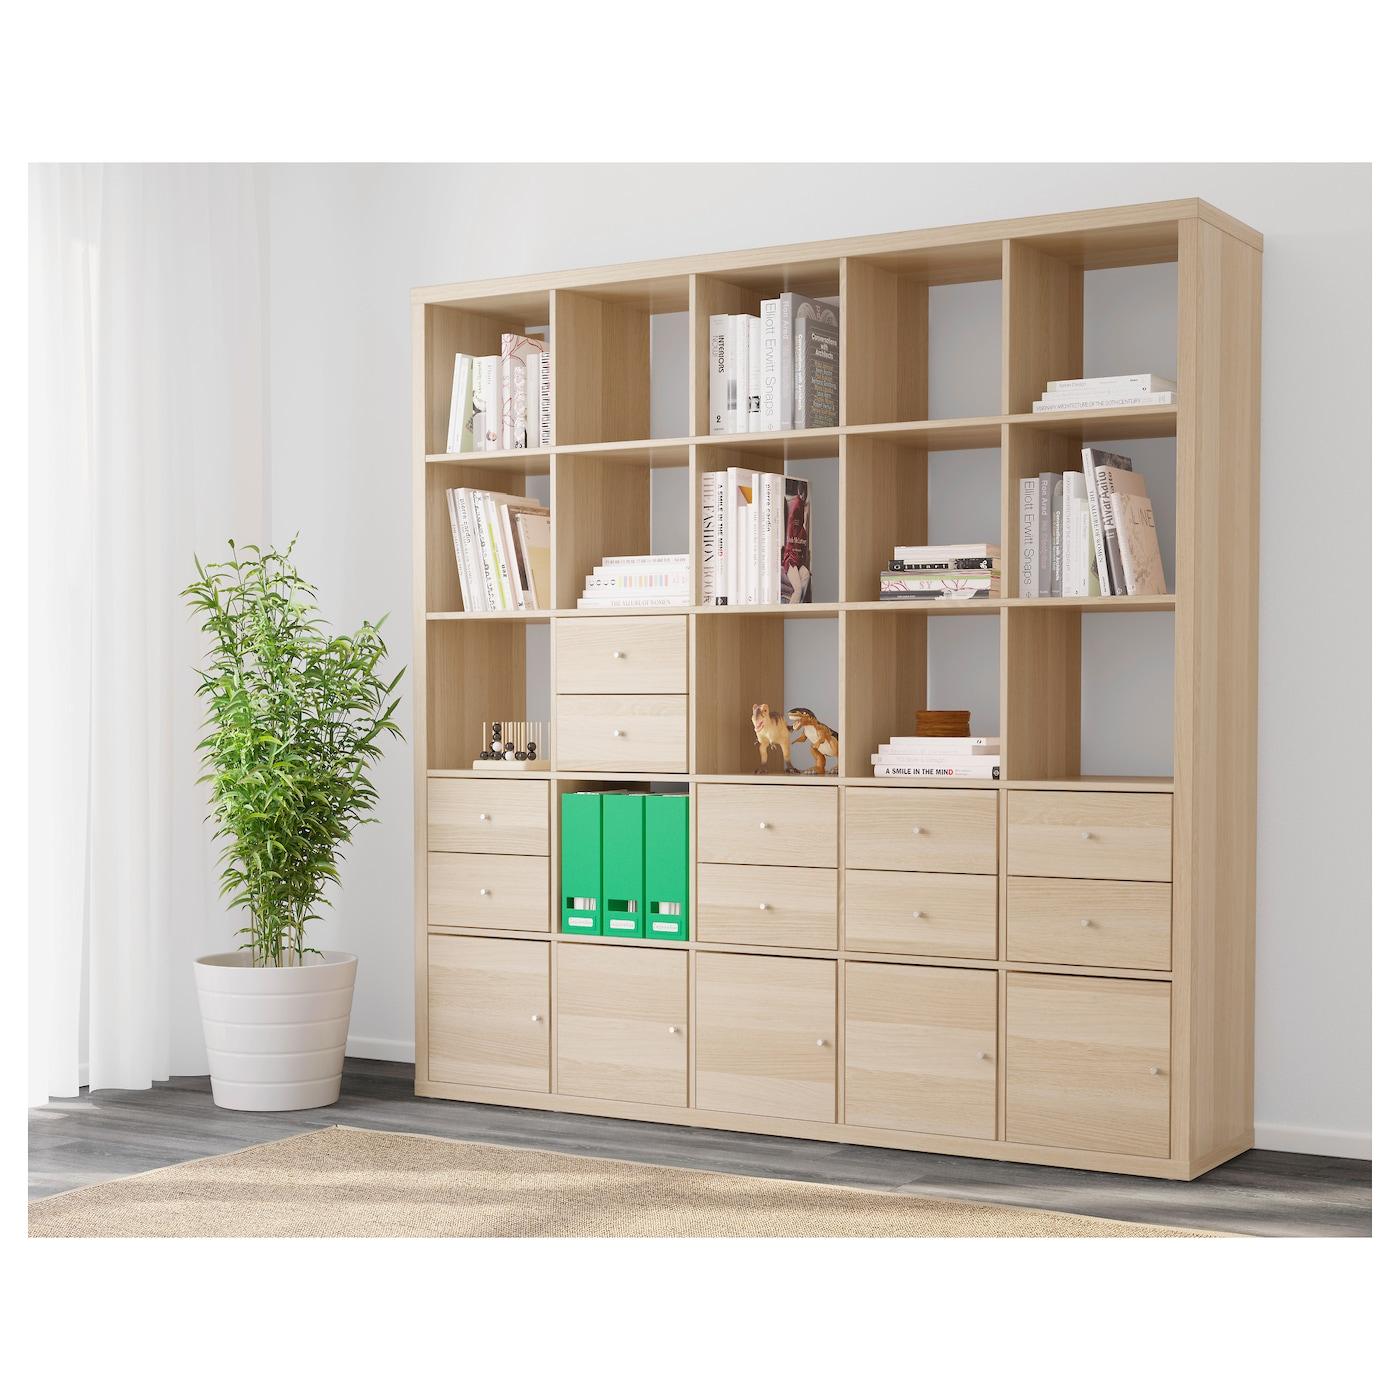 KALLAX Regal mit 4 Einsätzen Eicheneff wlas IKEA Österreich